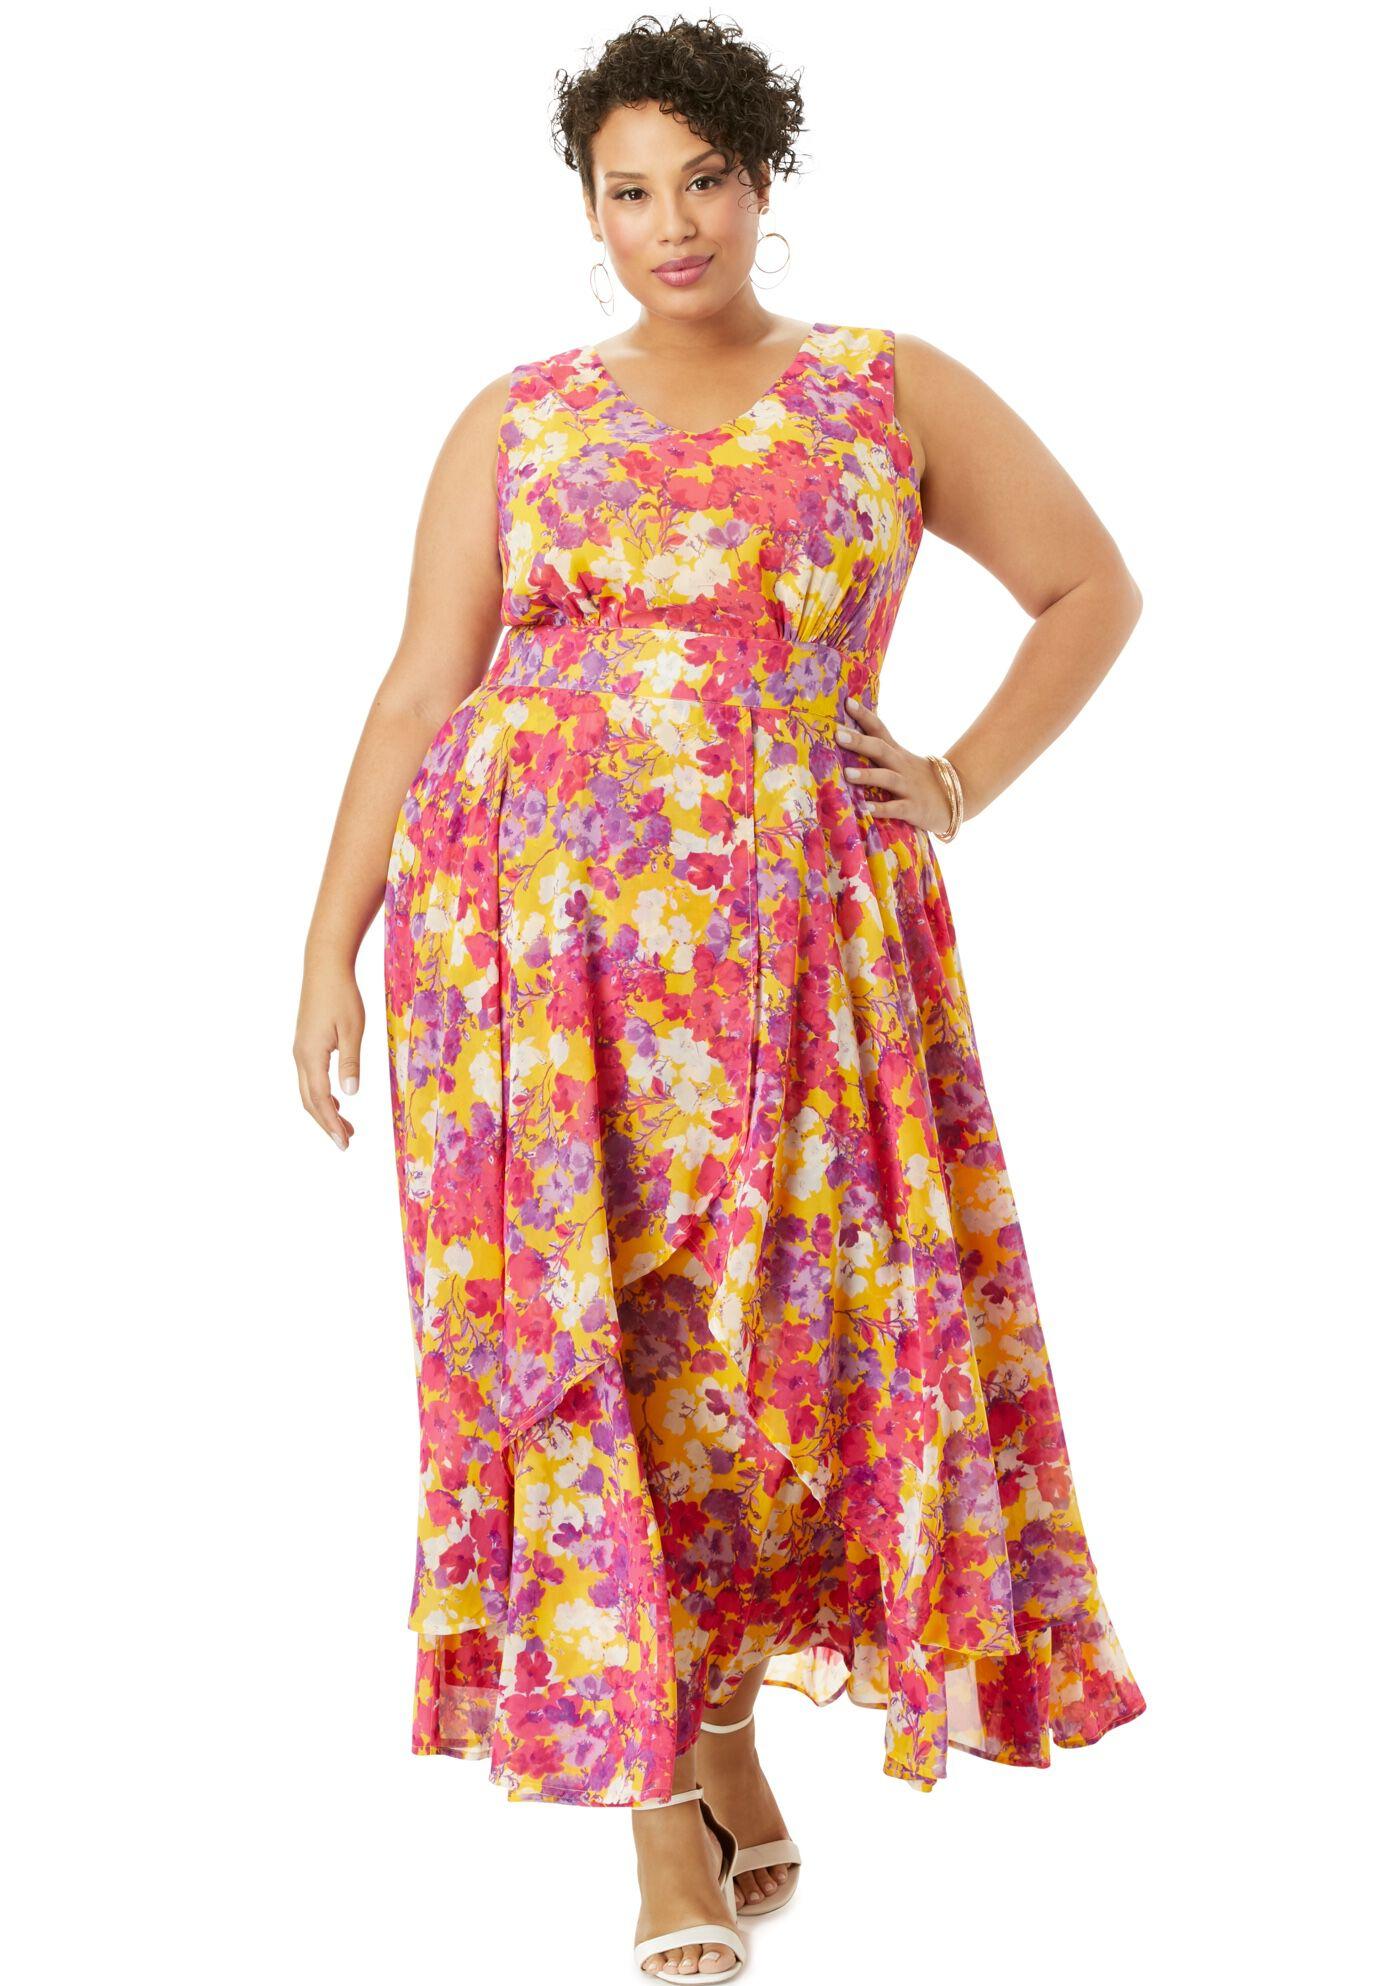 kleider woman within maxi dress plus size 22/24 26/28 30/32